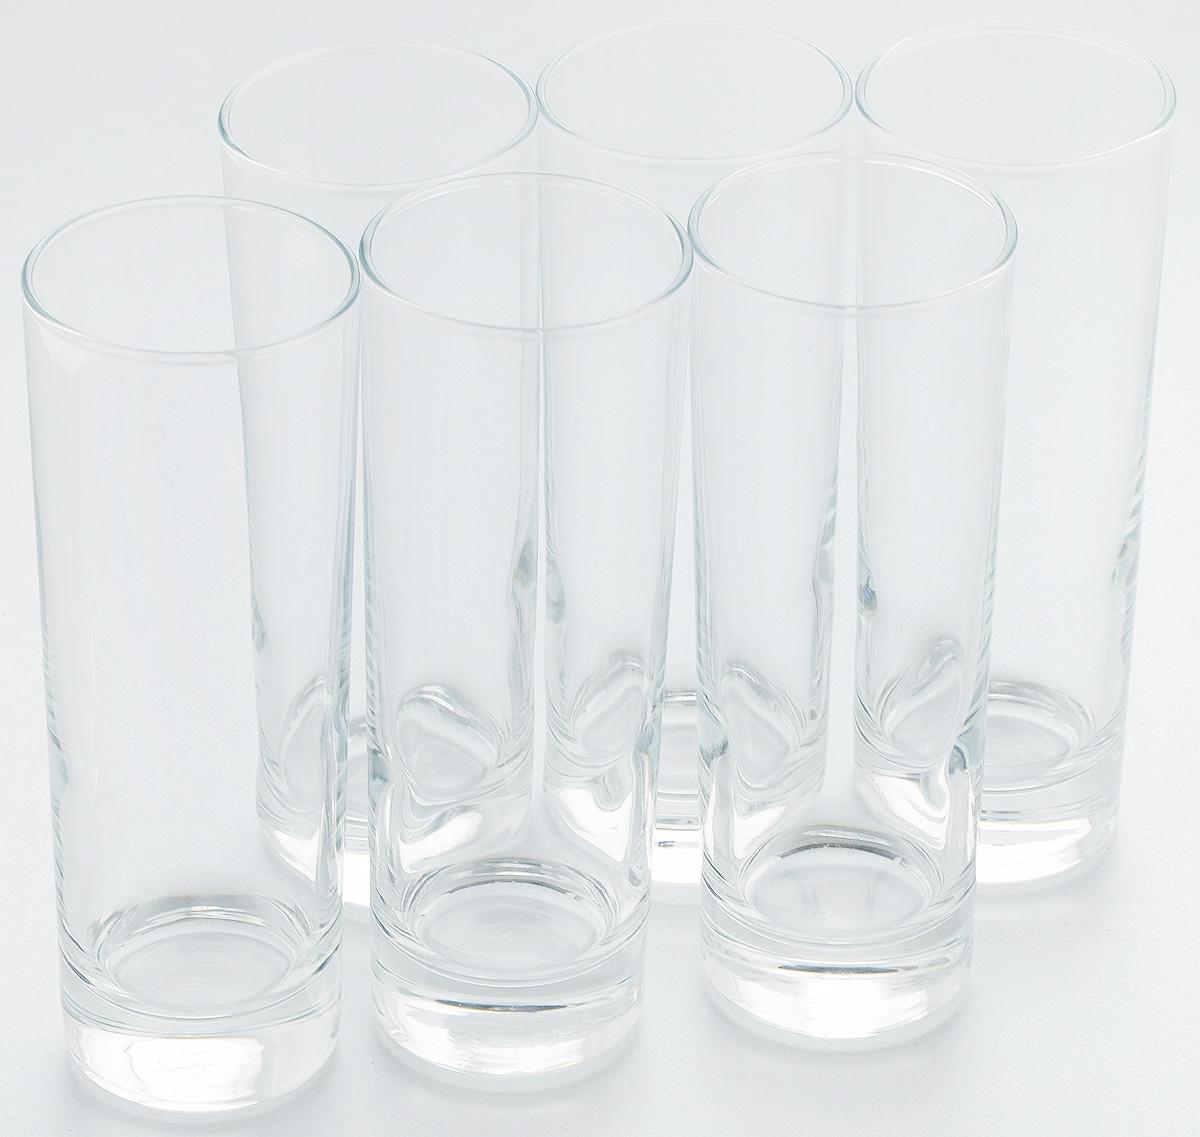 Набор стаканов Pasabahce Side, 290 мл, 6 шт. 42469B42469BНабор Pasabahce состоит из шести стаканов, выполненных из натрий-кальций-силикатного стекла. Изделия предназначены для подачи сока, воды, компота и других напитков. Такие стаканы станут идеальным украшением праздничного стола и отличным подарком к любому празднику. Высота стакана: 17 см.